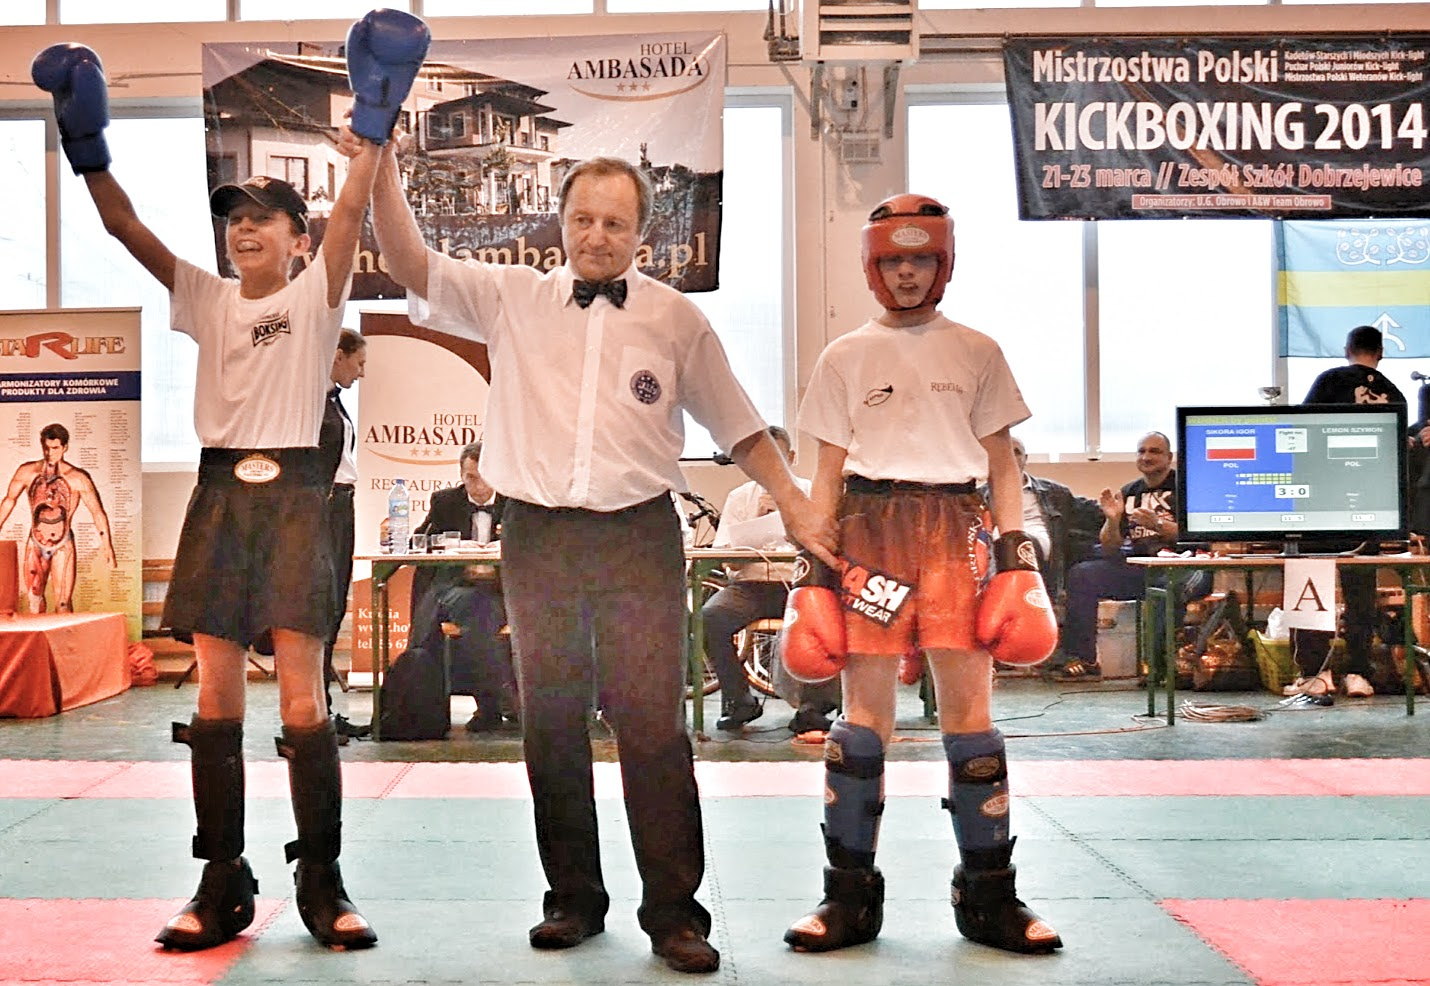 kickboxing, boks, muay thai, sport, Zielona Góra, dzieci, zawody, wyjazdy, Boksing, Mistrzostwa, treningi